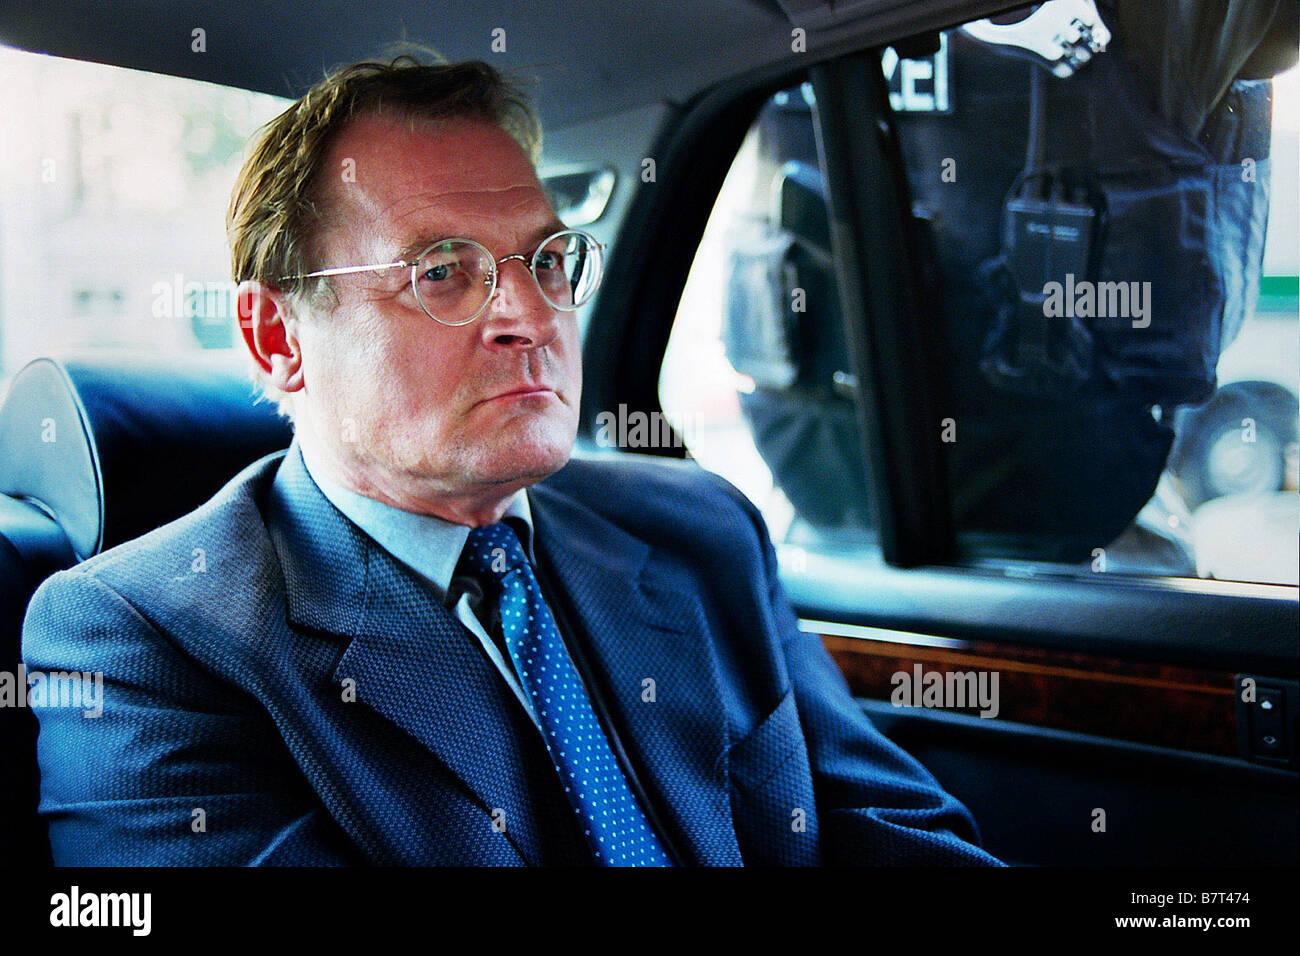 Die fetten Jahre sind vorbei Die fetten Jahre sind vorbei Jahr: 2004 - Deutschland Burghart Klaußner Regie: Stockbild